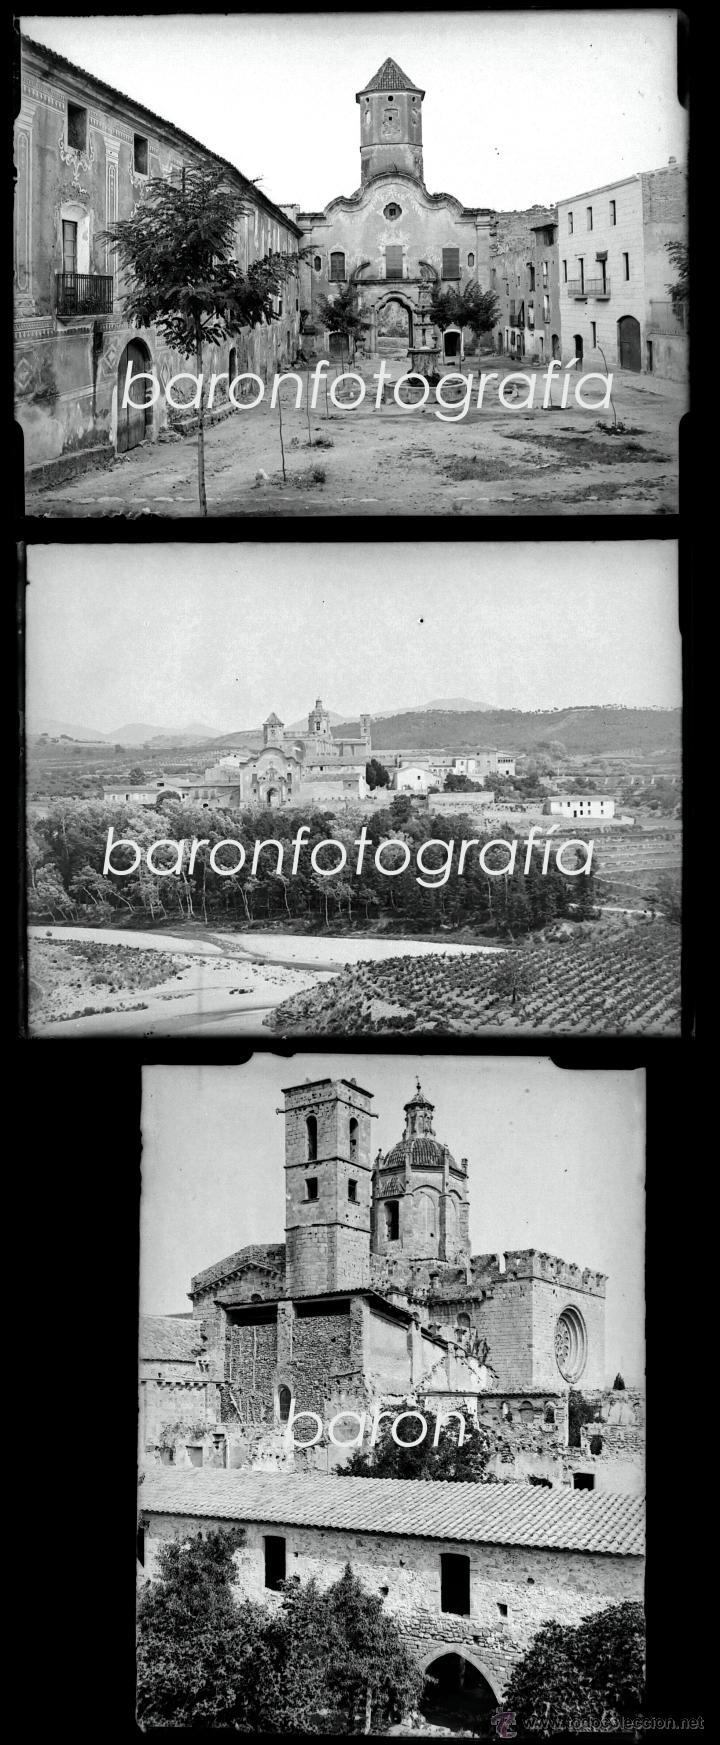 SANTES CREUS, TARRAGONA, JULIO 1908. LOTE DE 27 CRISTALES NEGATIVOS 9X12 CM. (Fotografía Antigua - Gelatinobromuro)